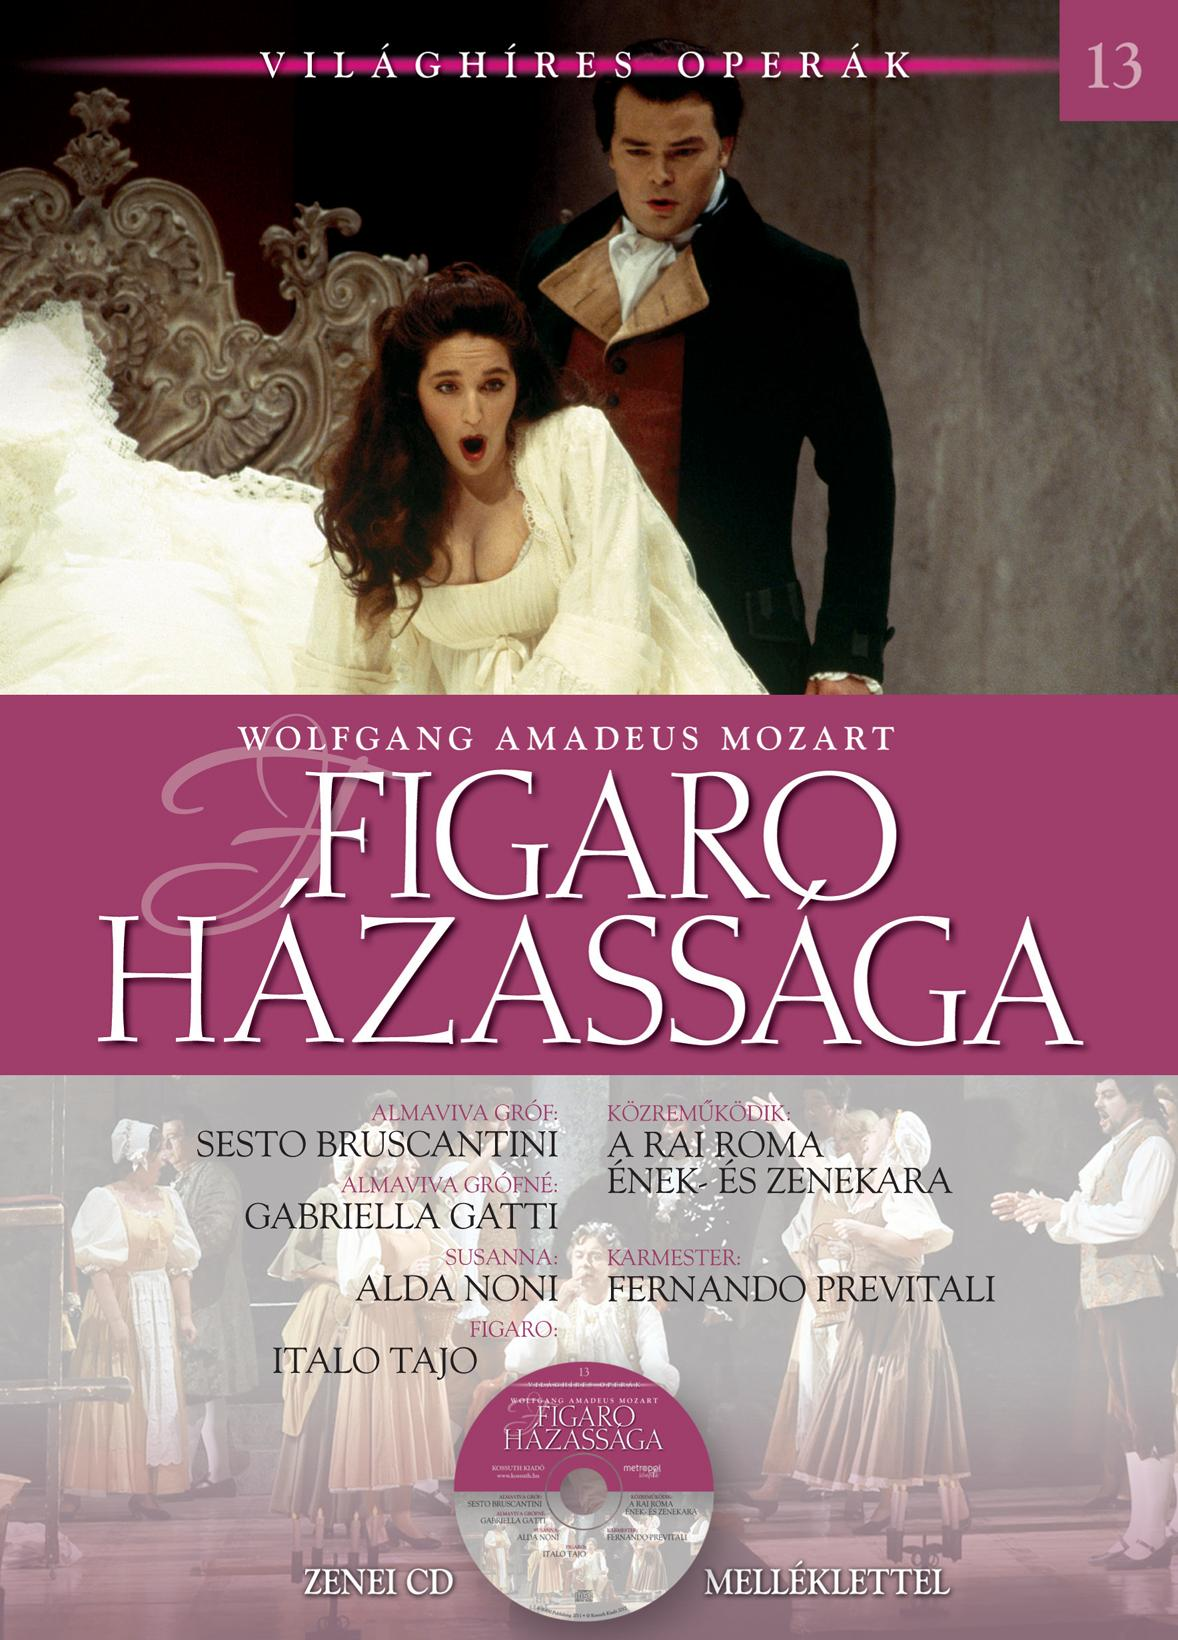 FIGARO HÁZASSÁGA - VILÁGHÍRES OPERÁK 13. - CD-VEL